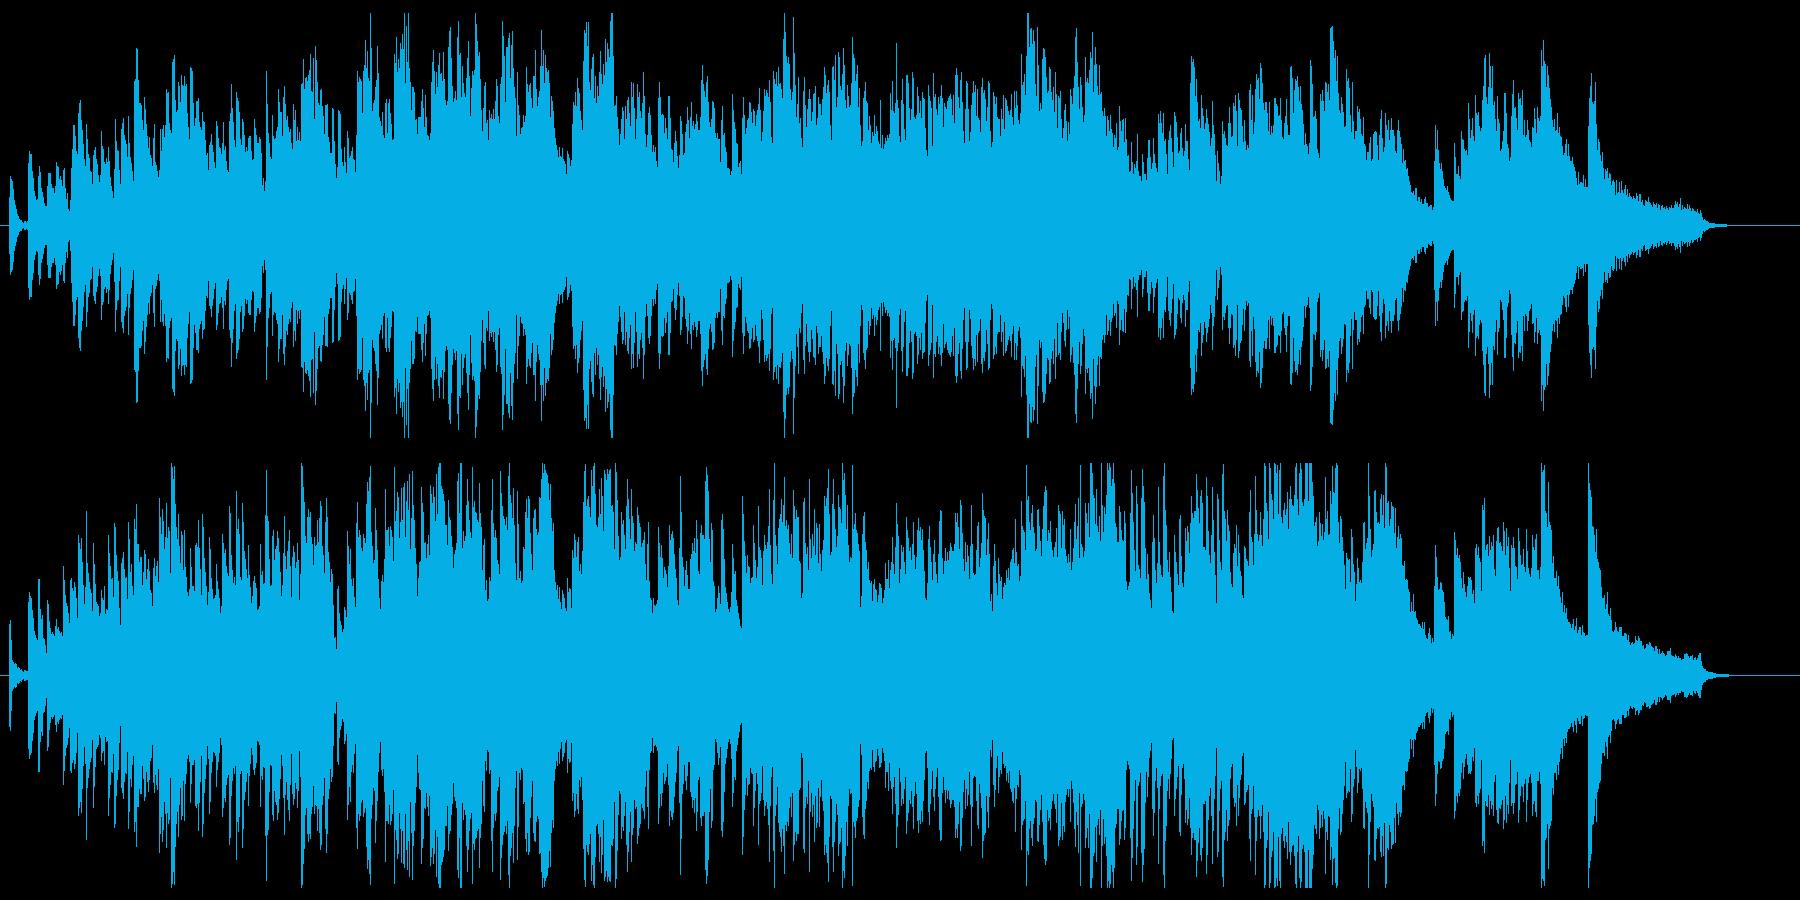 ドビュッシー、アラベスク風ピアノ曲の再生済みの波形